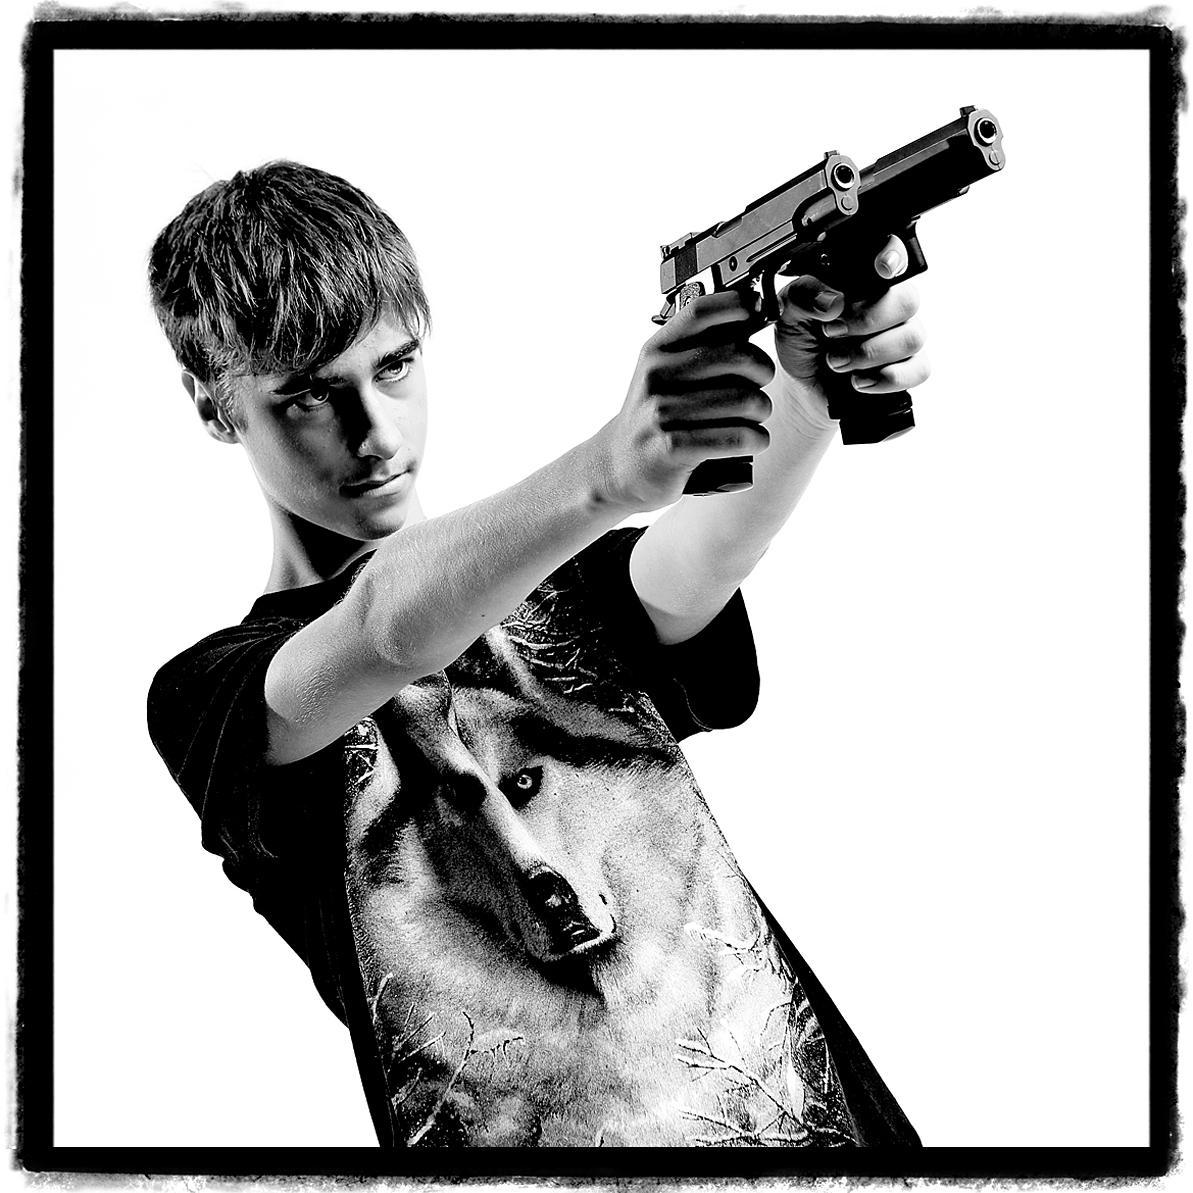 Gangsta No.1 - Creative portraiture by Julian Hanford